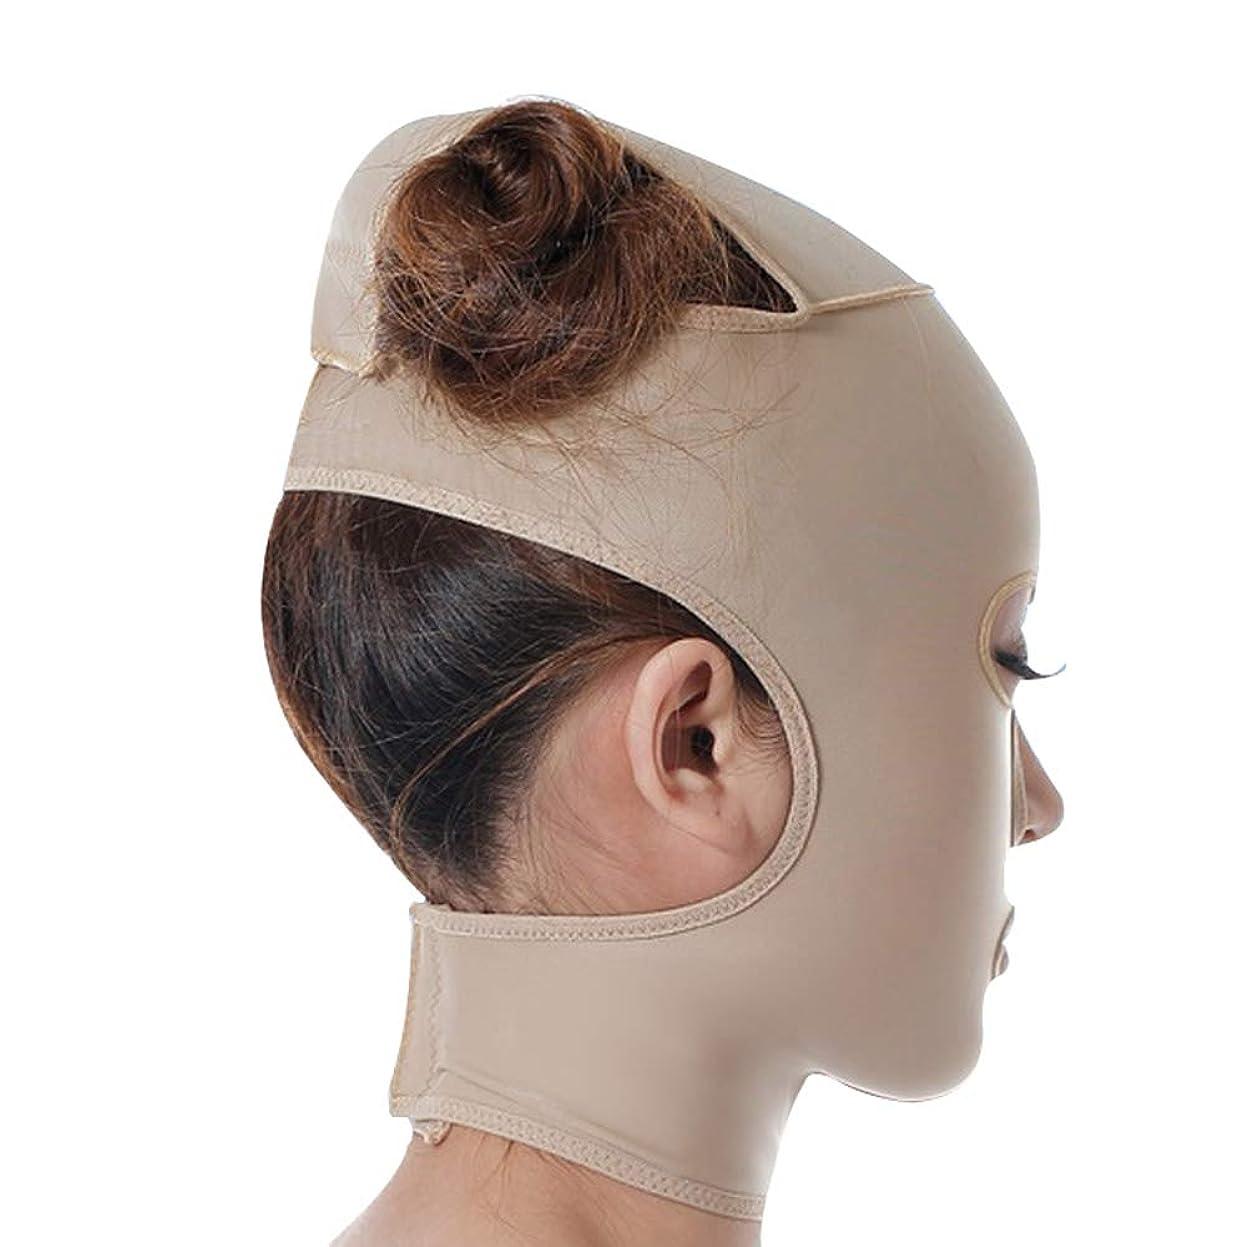 チャーム根絶するタンザニアGLJJQMY 引き締めマスクマスク美容薬マスク美容V顔包帯ライン彫刻リフティング引き締め二重あごマスク 顔用整形マスク (Size : M)